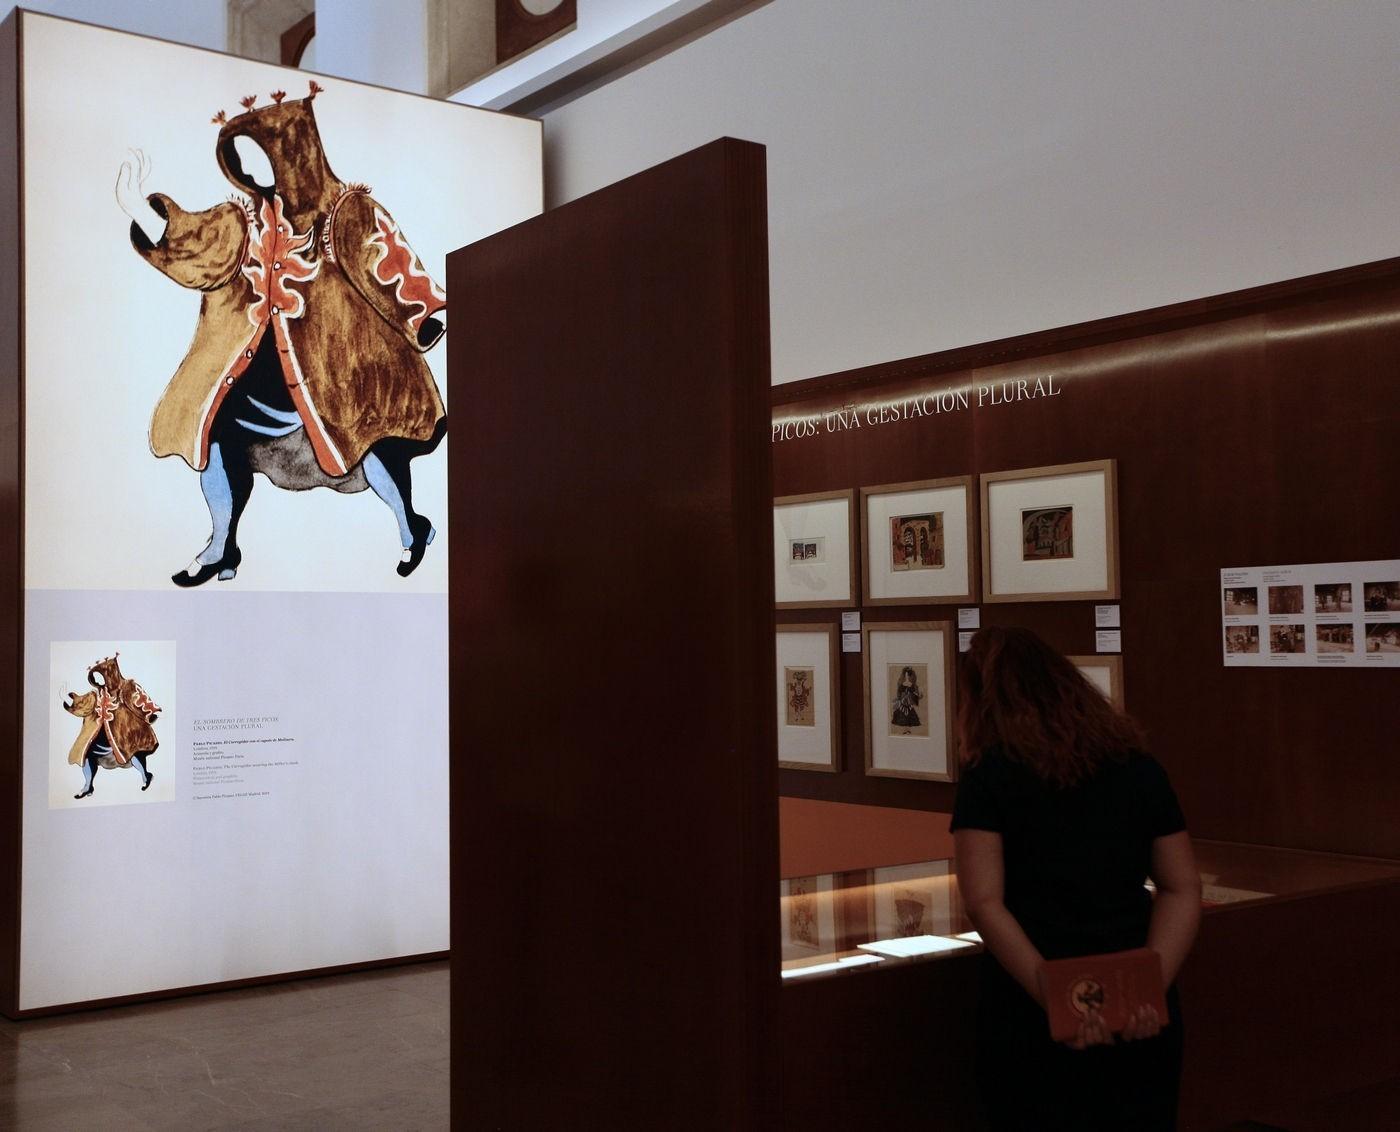 El corregidor con el capote del molinero de Pablo Picasso. Fotografía de María de la Cruz